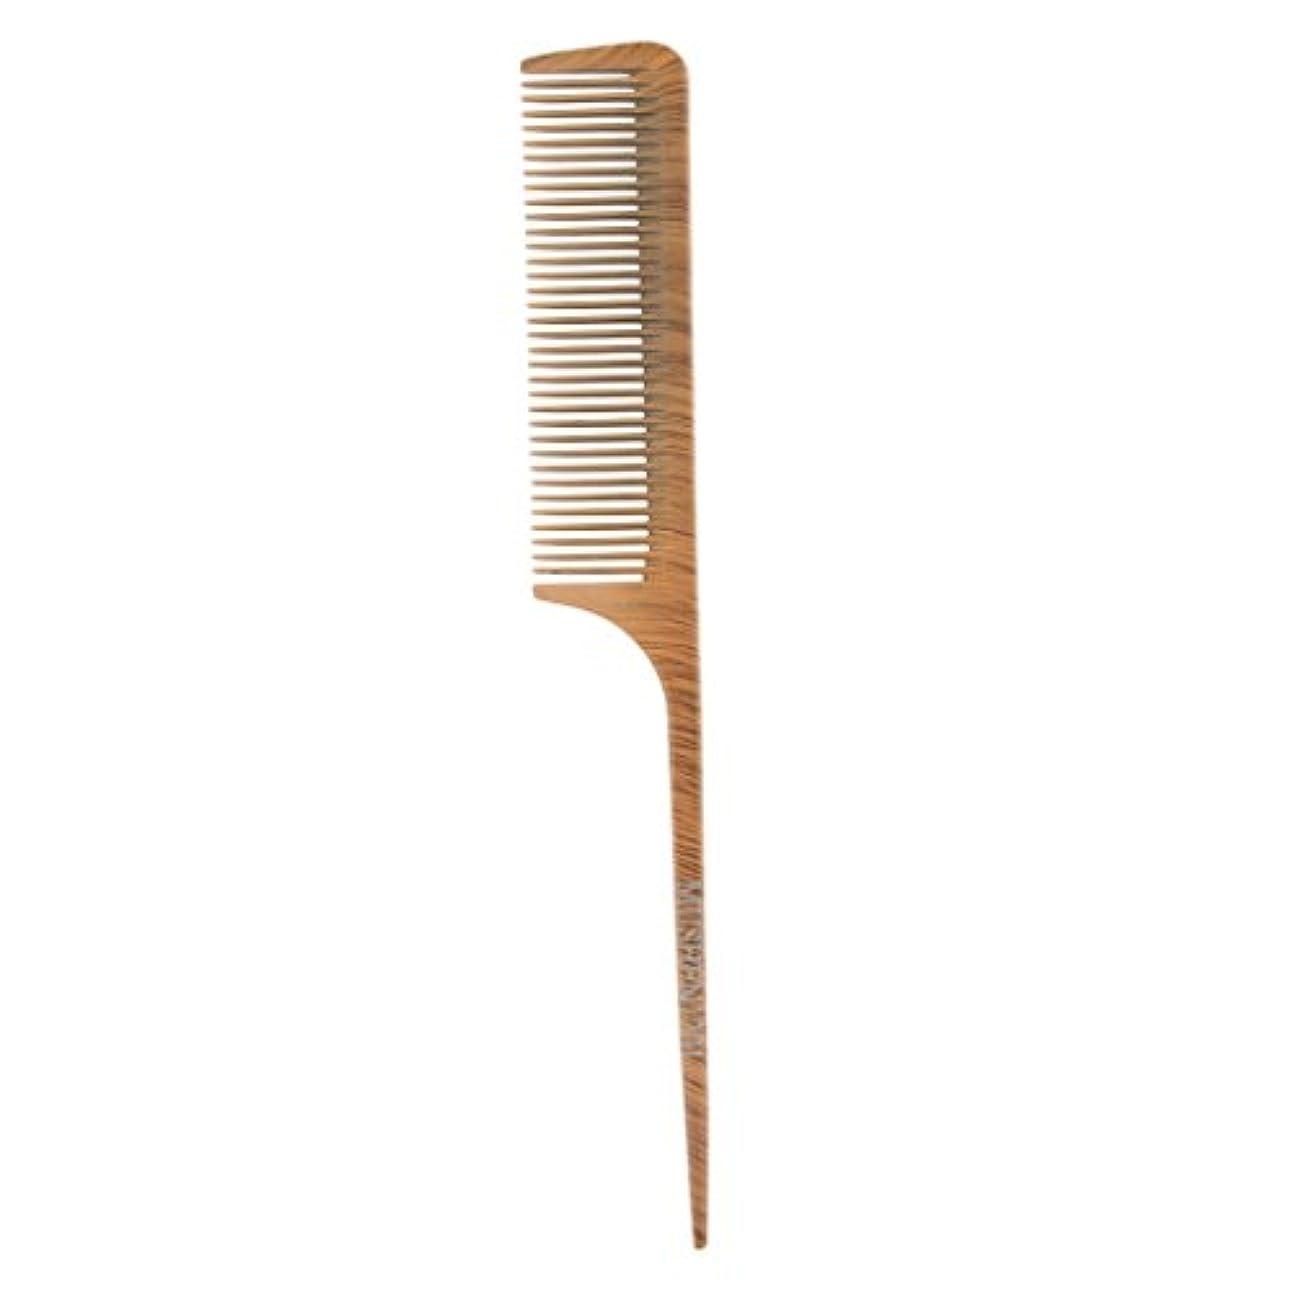 逸脱検出器オリエンタルKesoto ヘアコーム ヘアブラシ ヘアカットコーム ウッド 帯電防止 サロン 理髪師 ヘアケア 4タイプ選べる - 1201